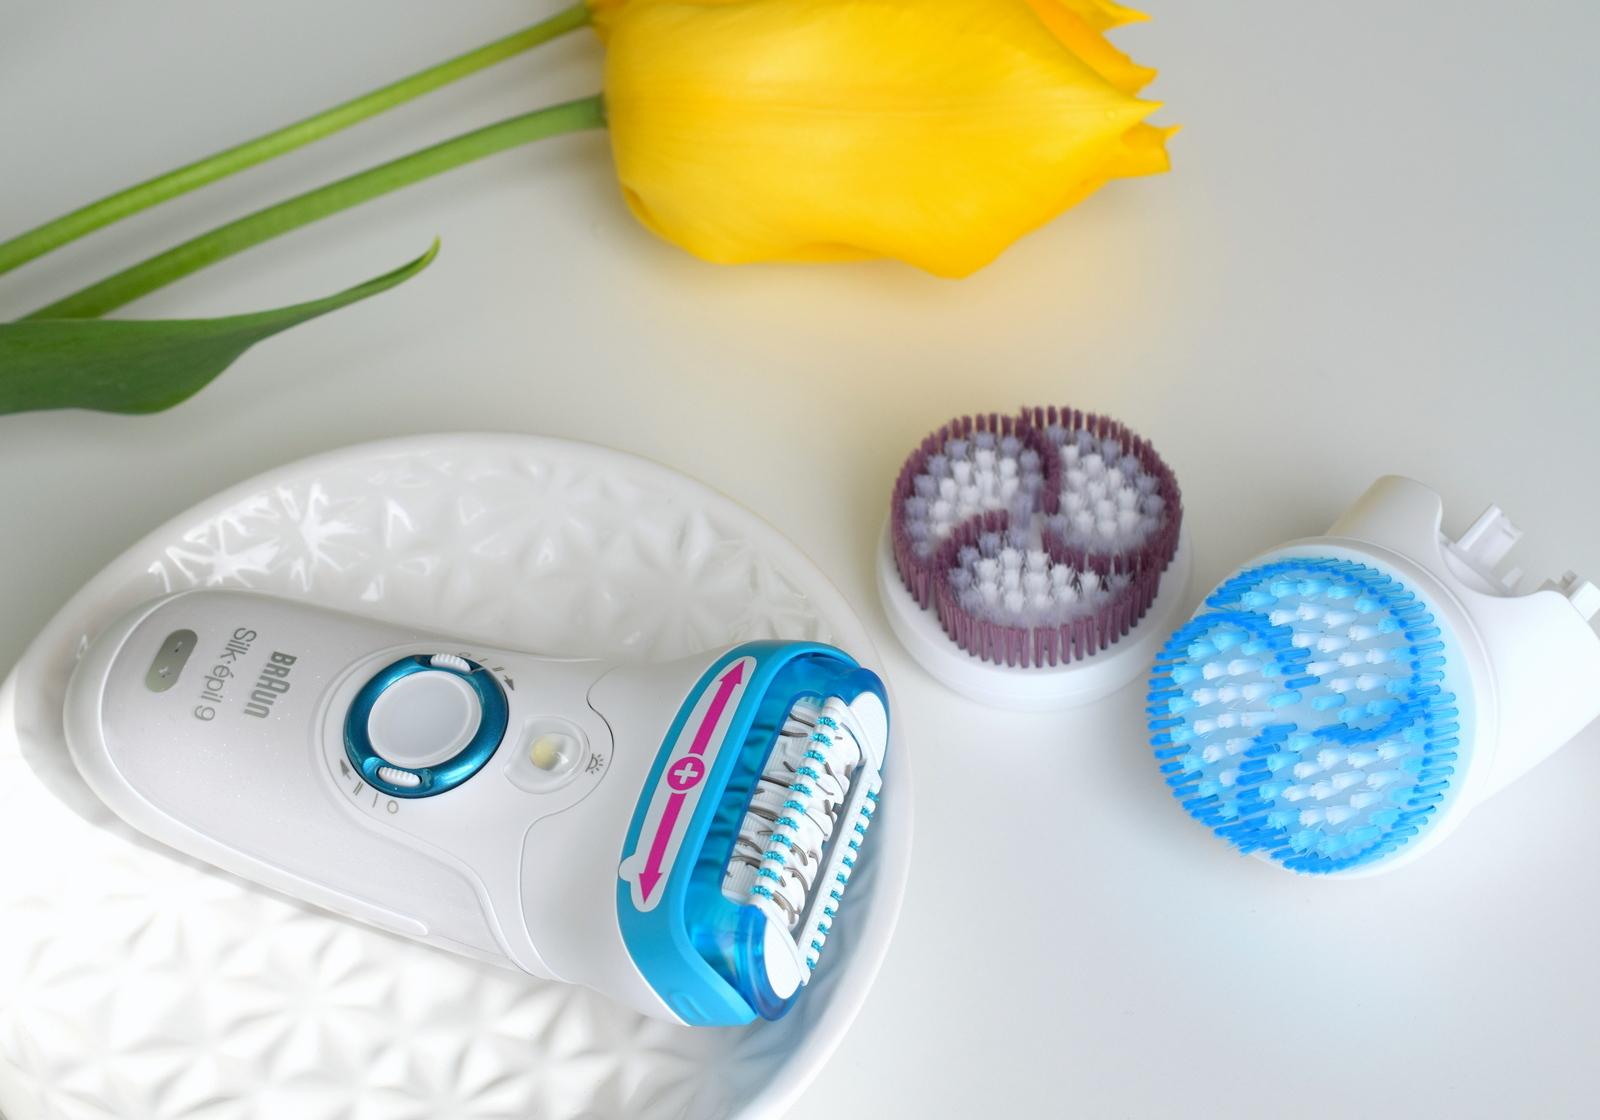 Braun Silk Epil 9 Skin Spa Peeling-Bürstenaufsatz für sensible Haut und intensives Peeling